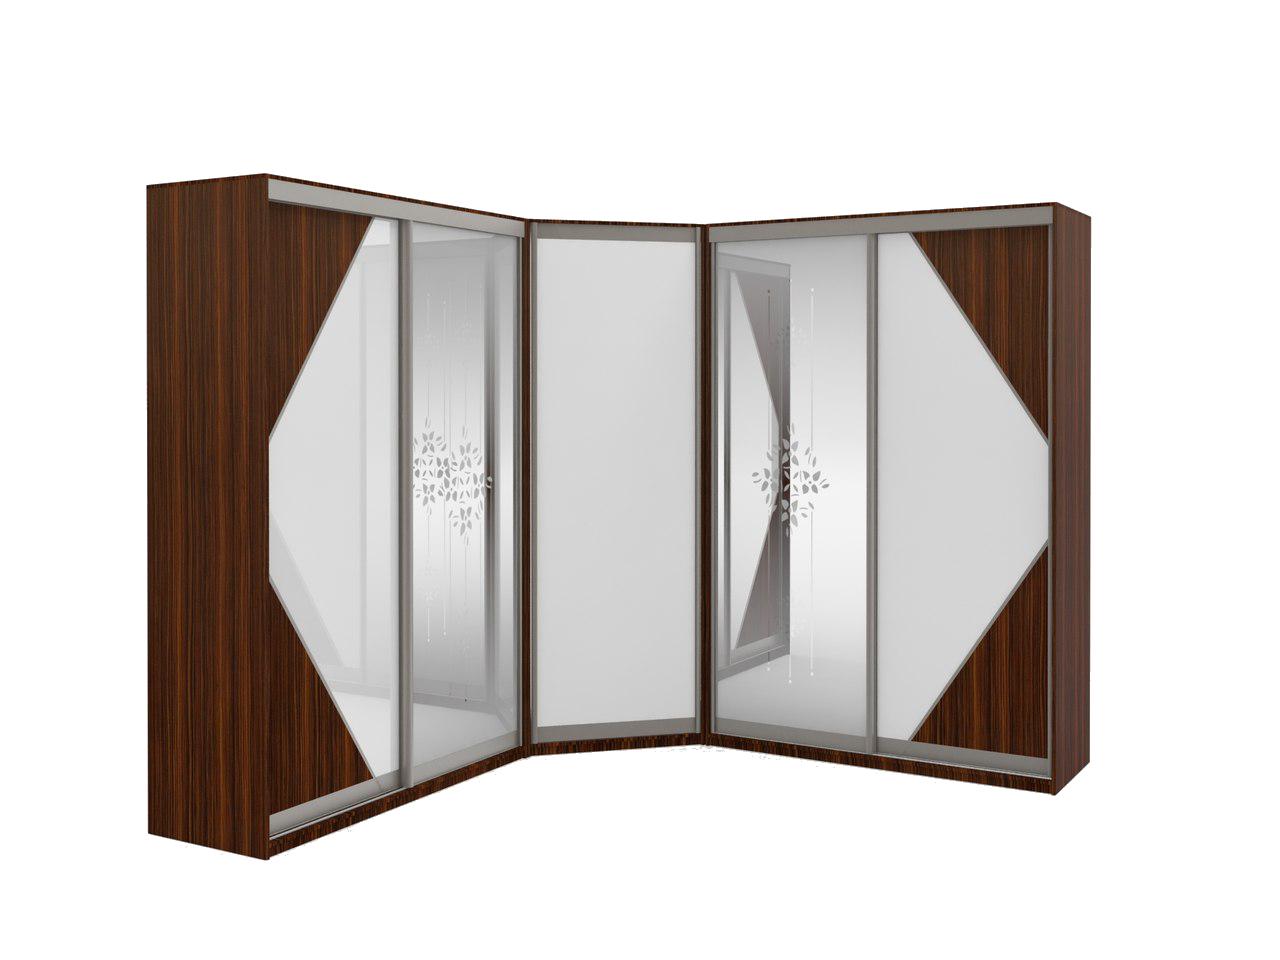 Угловой шкаф-купе с переходным диагональным модулем